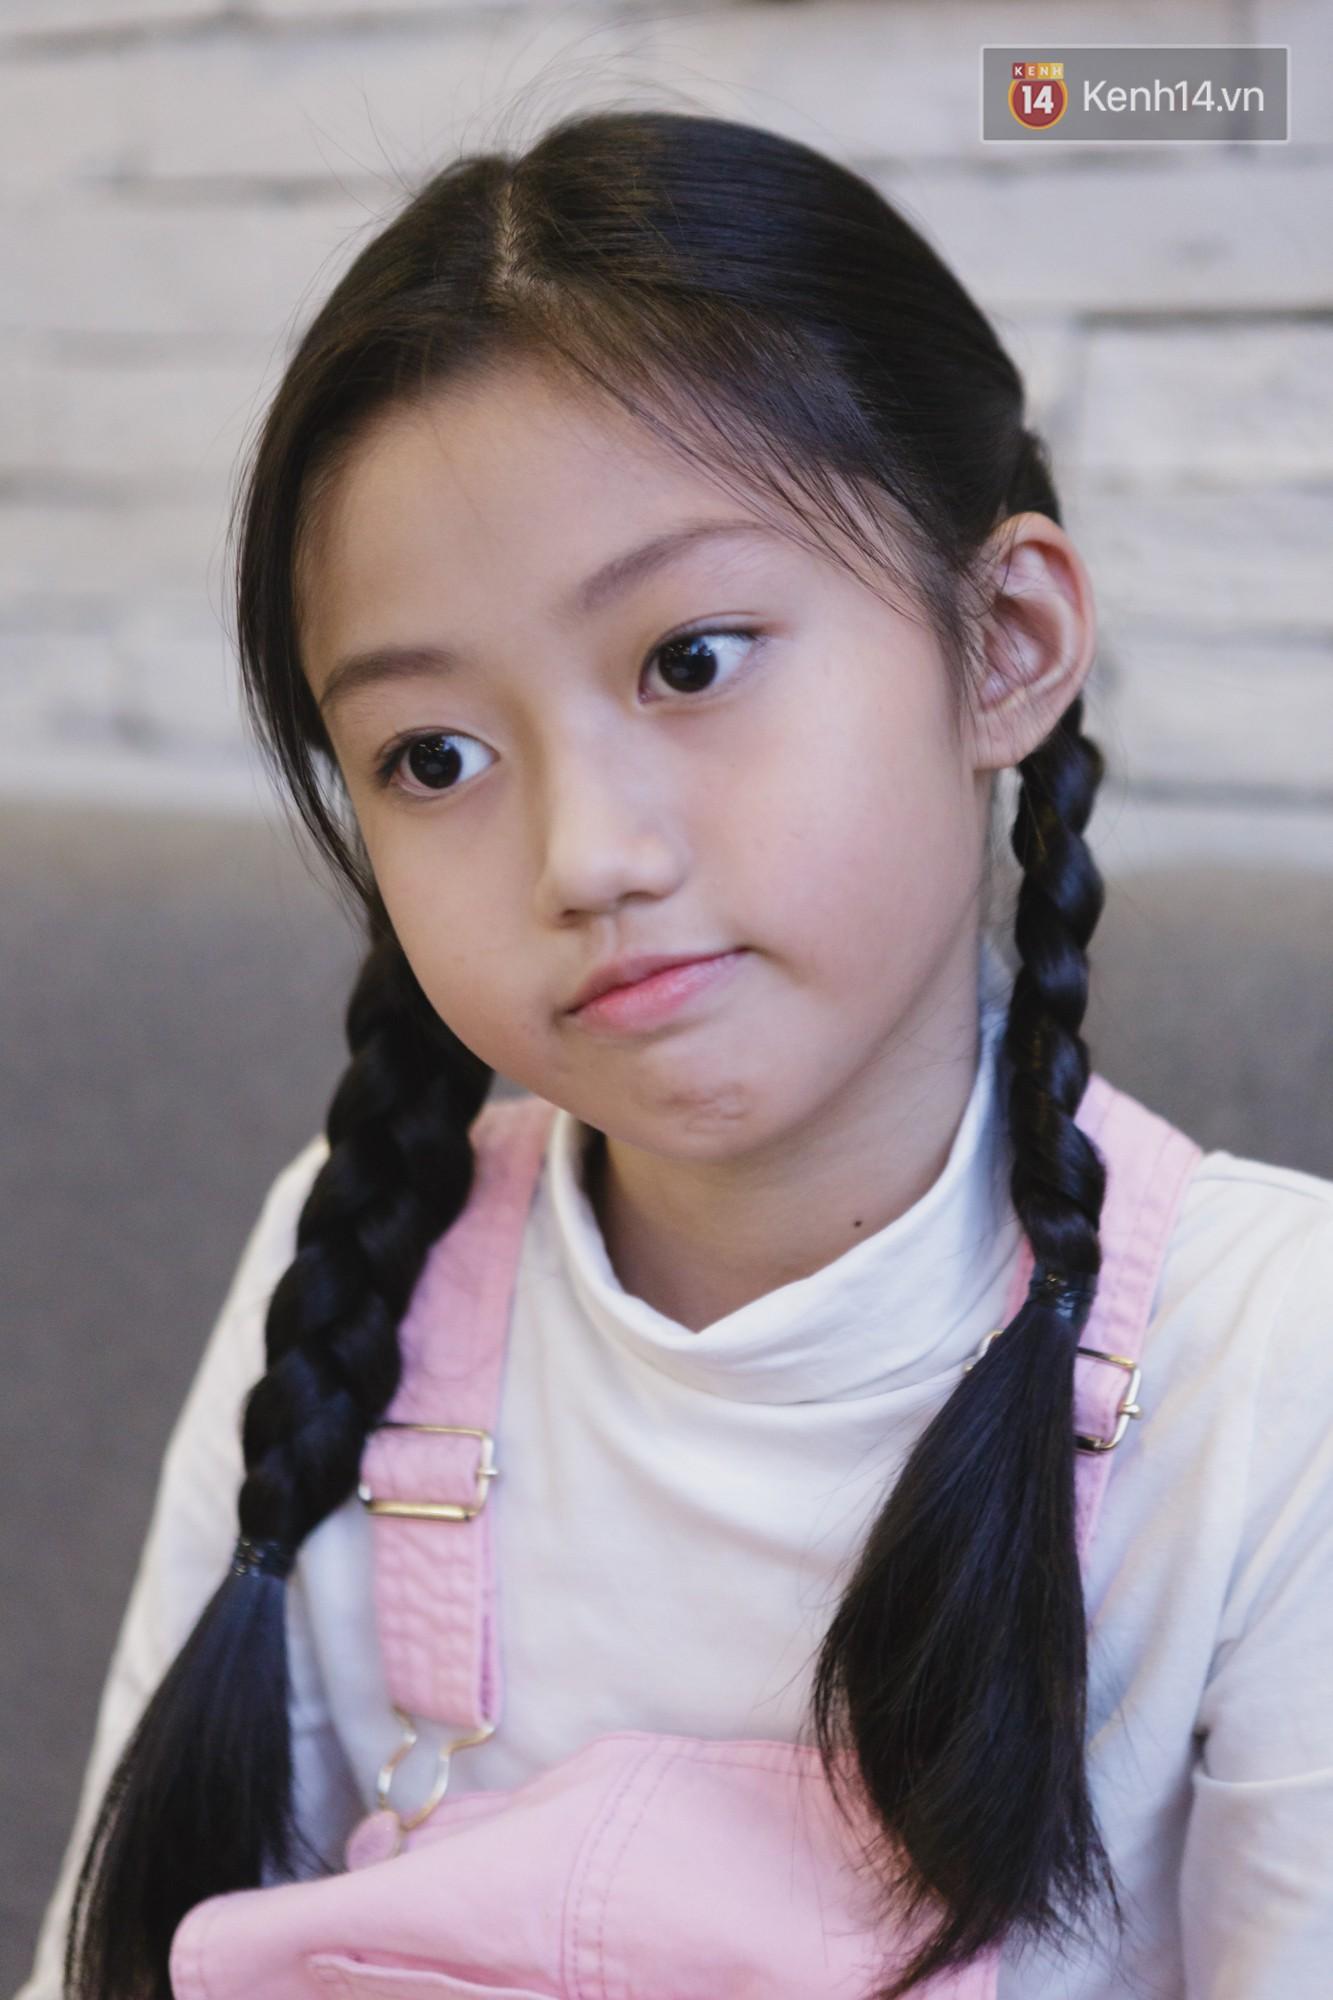 4 ngọc nữ nhí không đợi tuổi đã vụt sáng của V-biz: từ bản sao Kim Yoo Jung đến Hoa hậu Việt Nam tương lai - Ảnh 11.